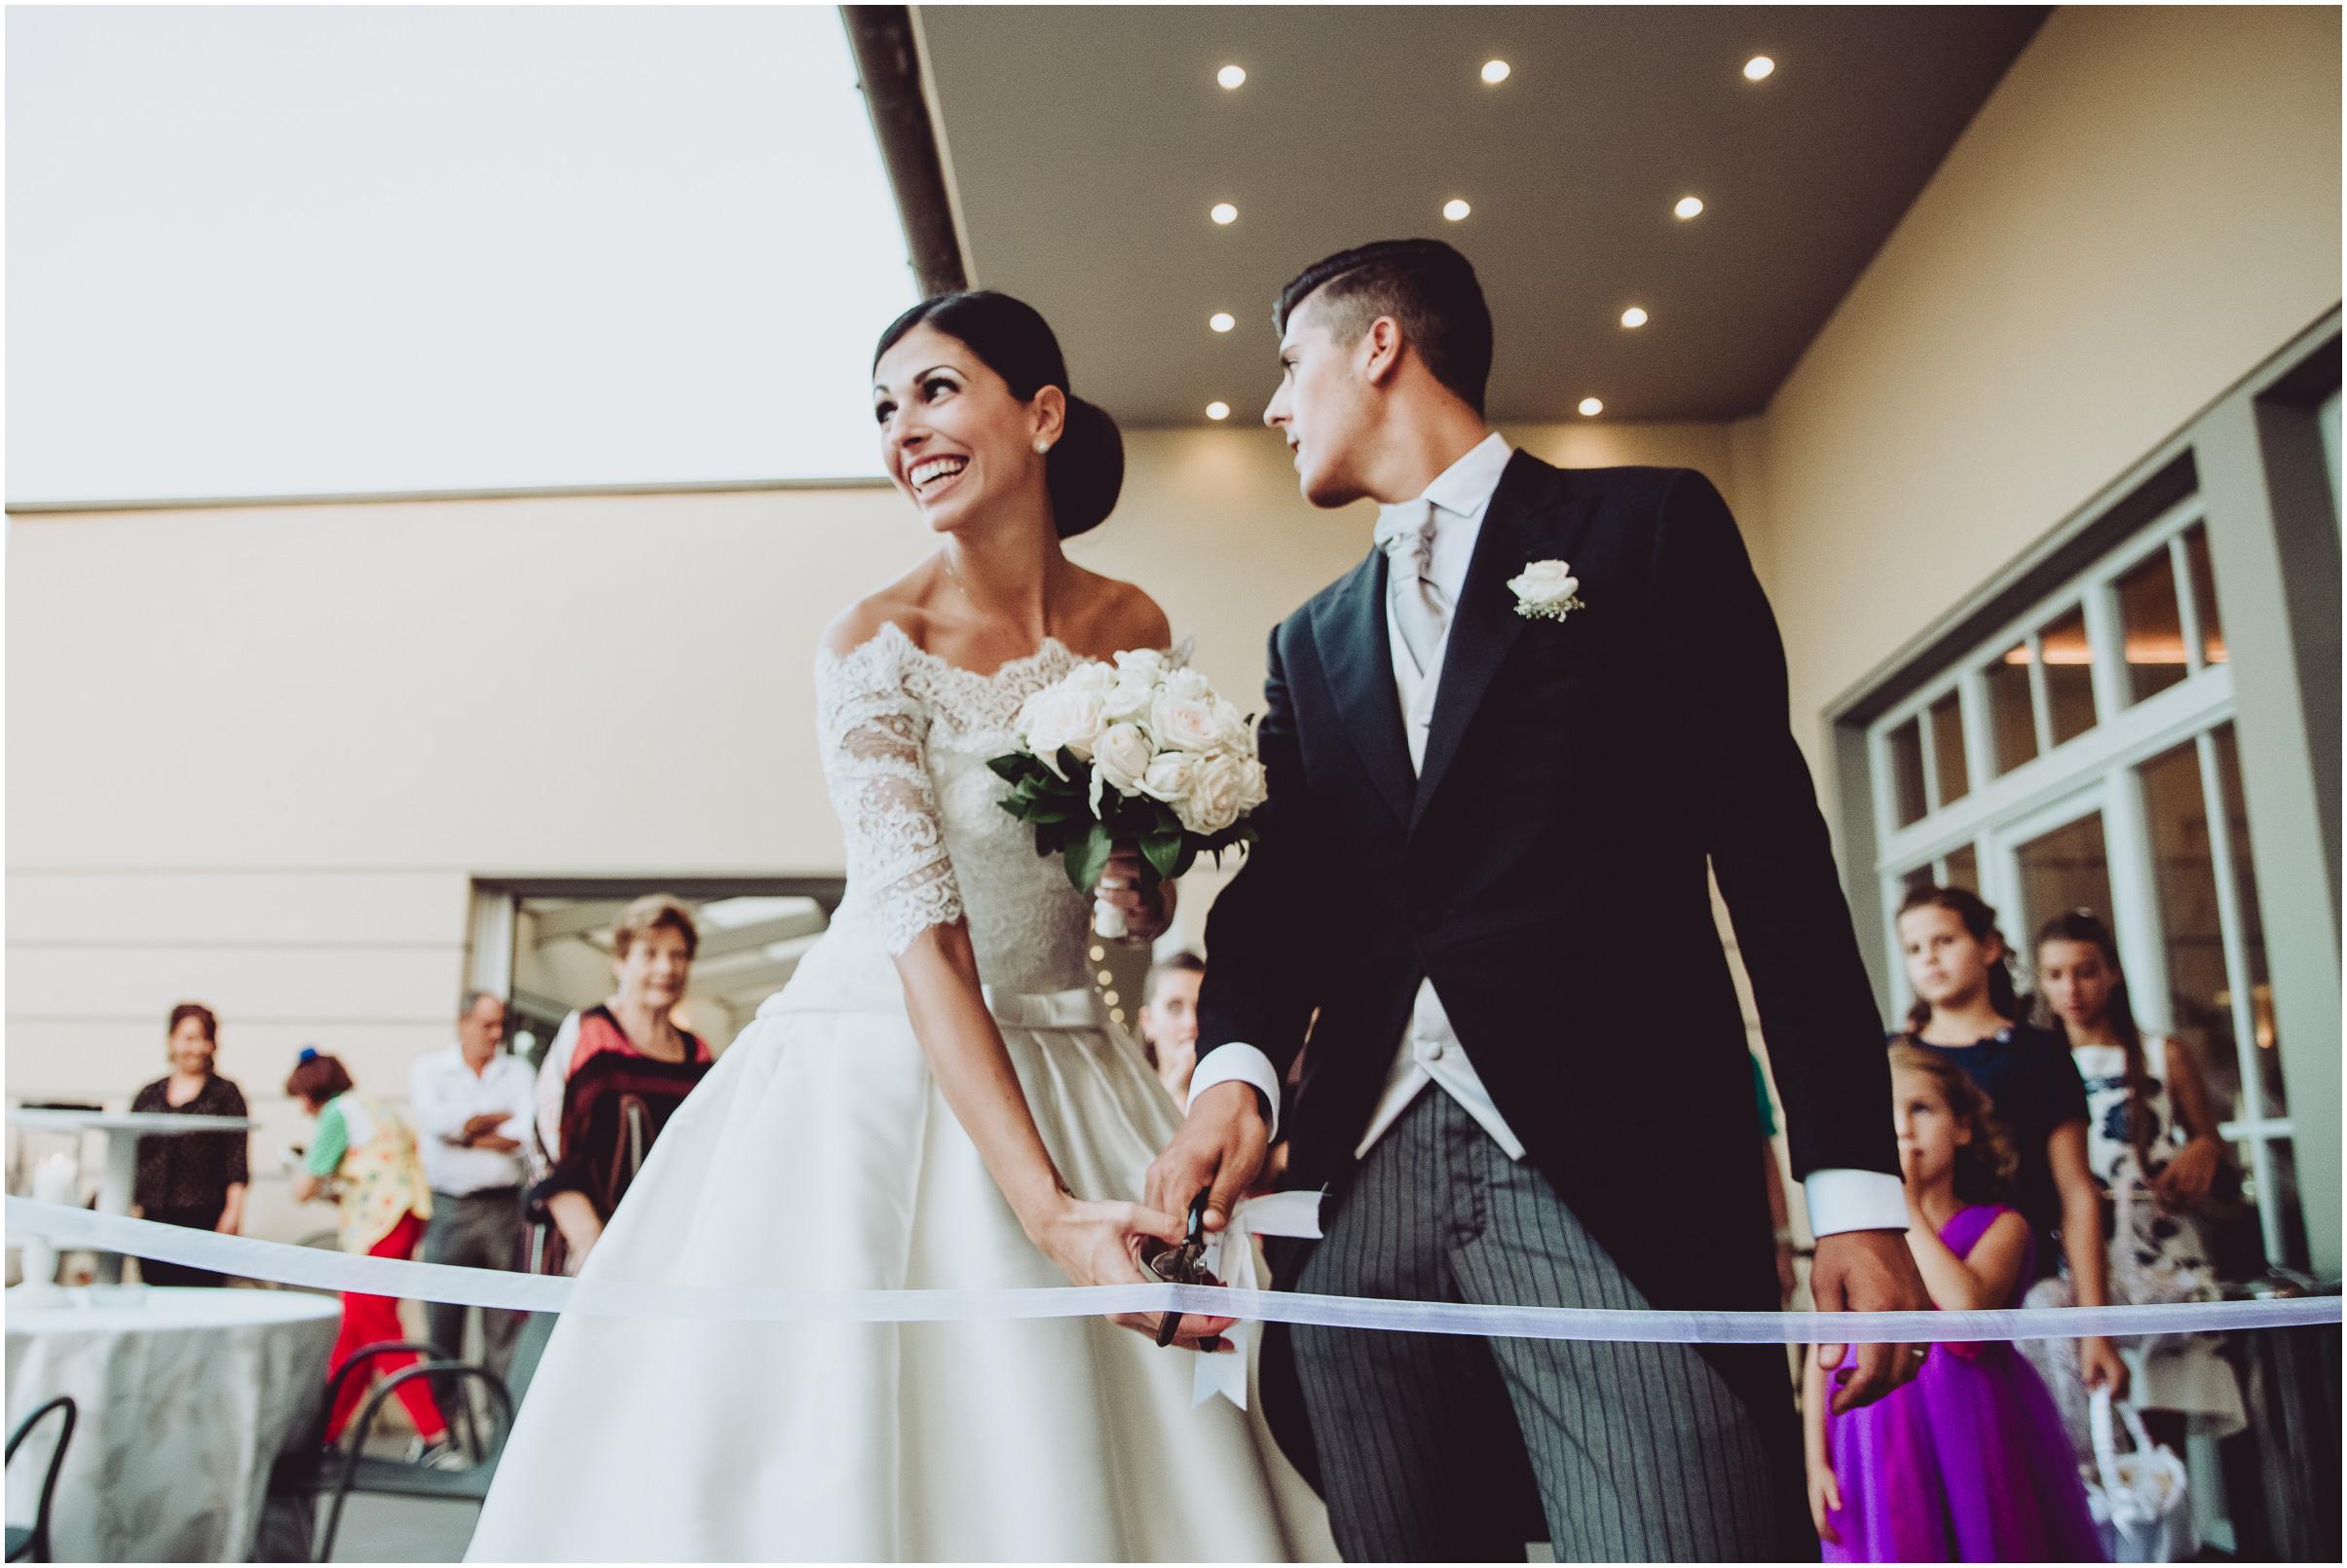 WEDDING-PHOTOGRAPHY-SARA-LORENZONI-FOTOGRAFIA-MATRIMONIO-AREZZO-TUSCANY-EVENTO-LE-SPOSE-DI-GIANNI-ELISA-LUCA051